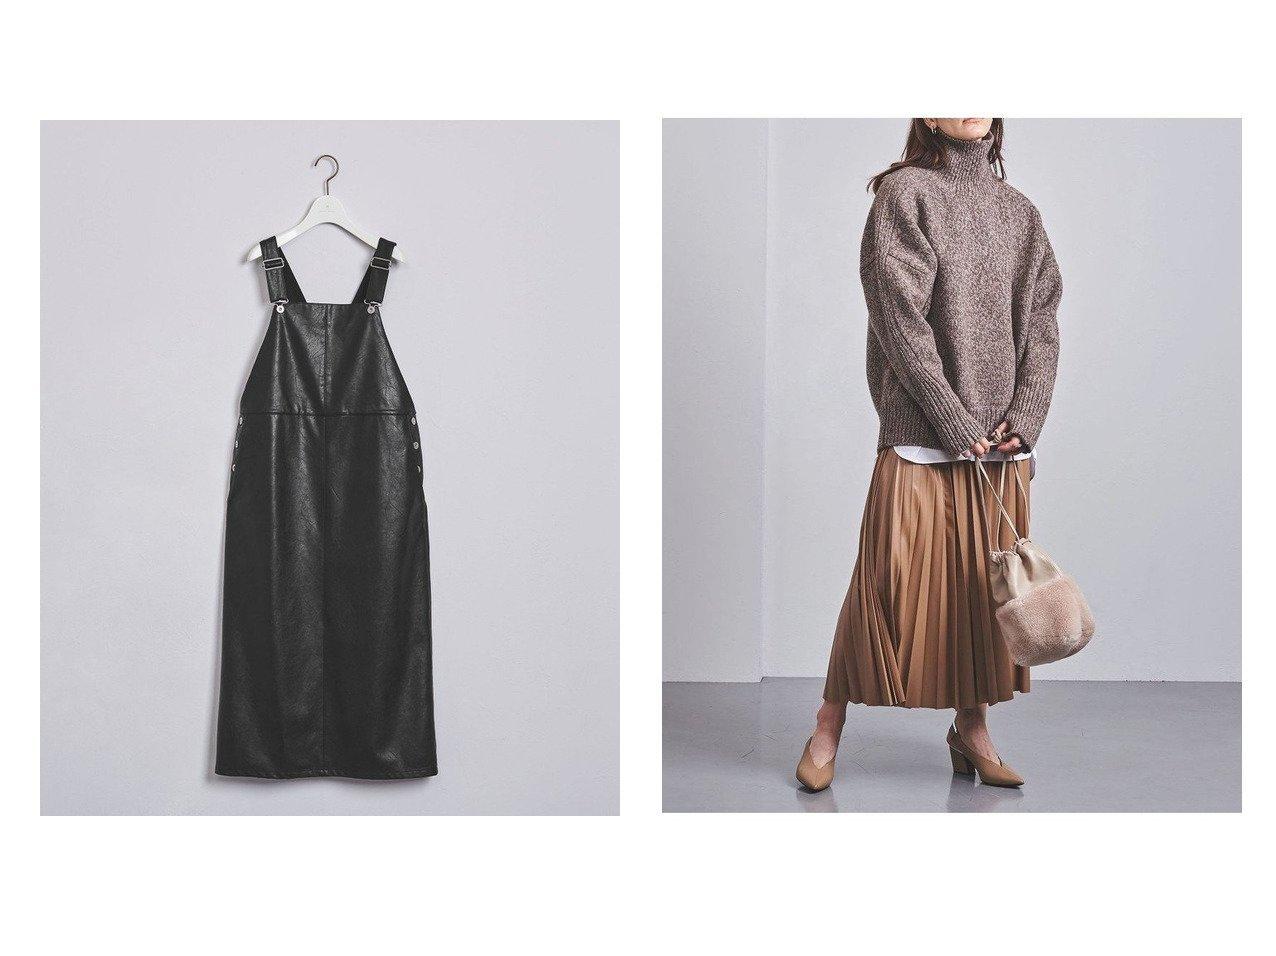 【UNITED ARROWS/ユナイテッドアローズ】のUWFM フェイクレザー ジャンパースカート†&UWMSC フェイクレザー プリーツスカート† スカートのおすすめ!人気トレンド・レディースファッションの通販 おすすめで人気の流行・トレンド、ファッションの通販商品 メンズファッション・キッズファッション・インテリア・家具・レディースファッション・服の通販 founy(ファニー) https://founy.com/ ファッション Fashion レディースファッション WOMEN スカート Skirt プリーツスカート Pleated Skirts ロングスカート Long Skirt フェイクレザー プリーツ マキシ ロング リアル  ID:crp329100000008543